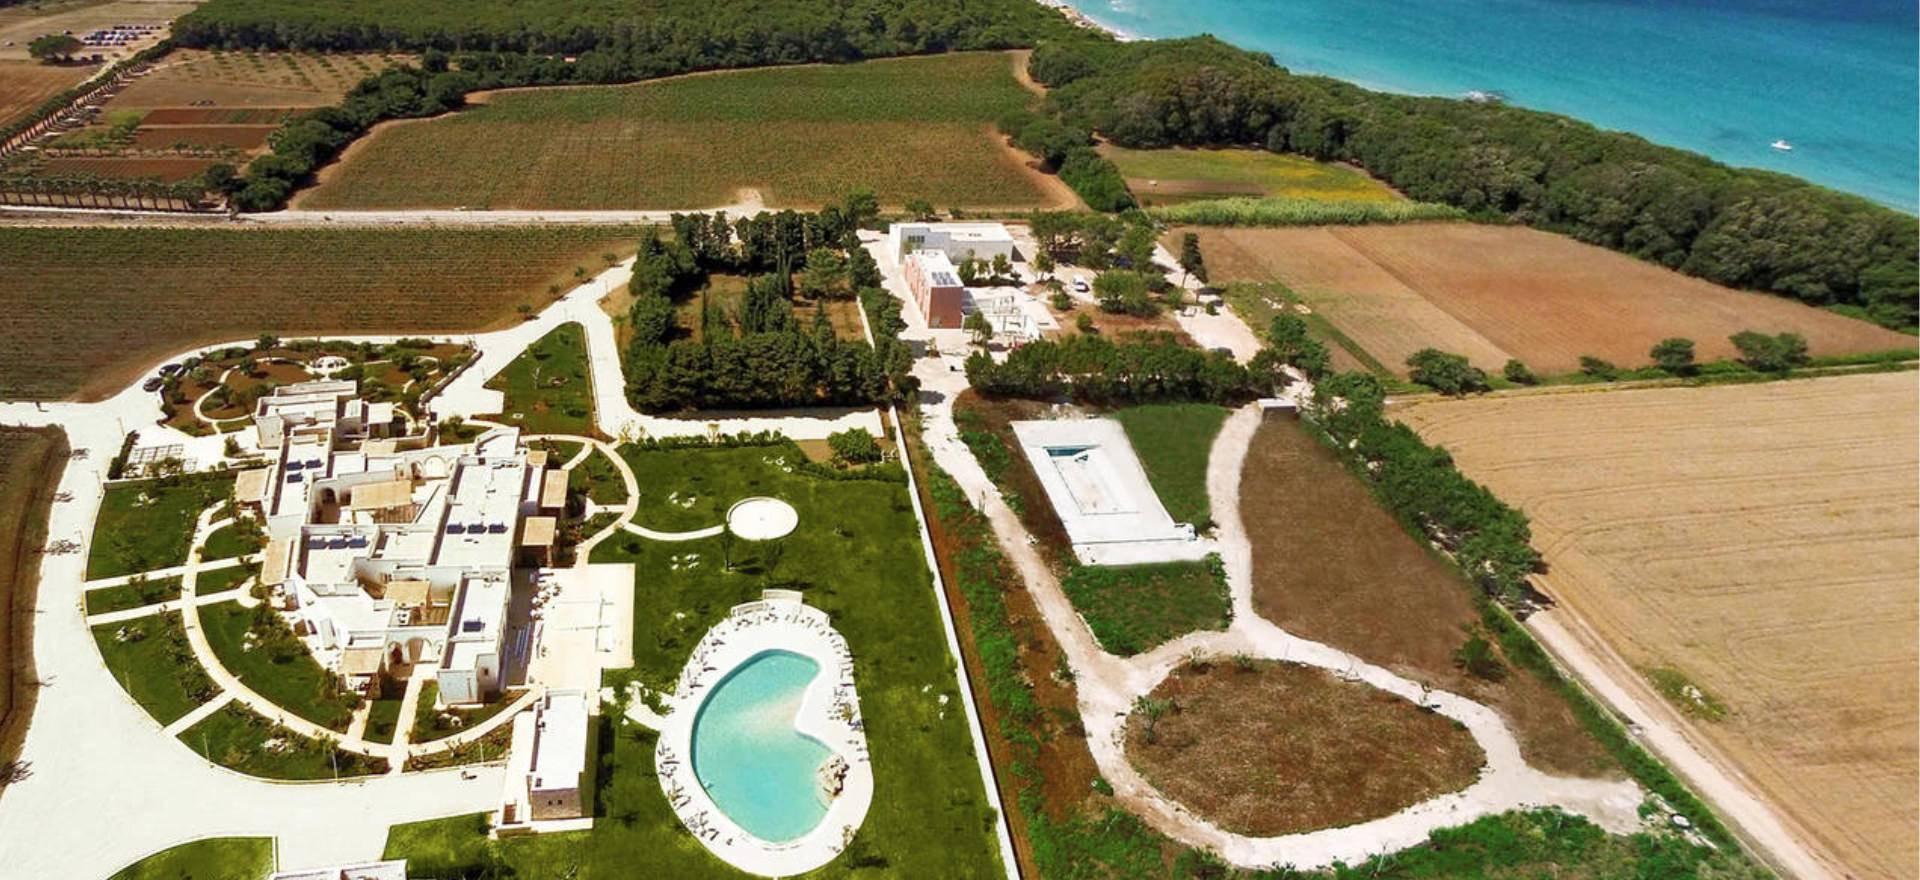 Agriturismo Puglia Luxe agriturismo in Puglia, dichtbij zee